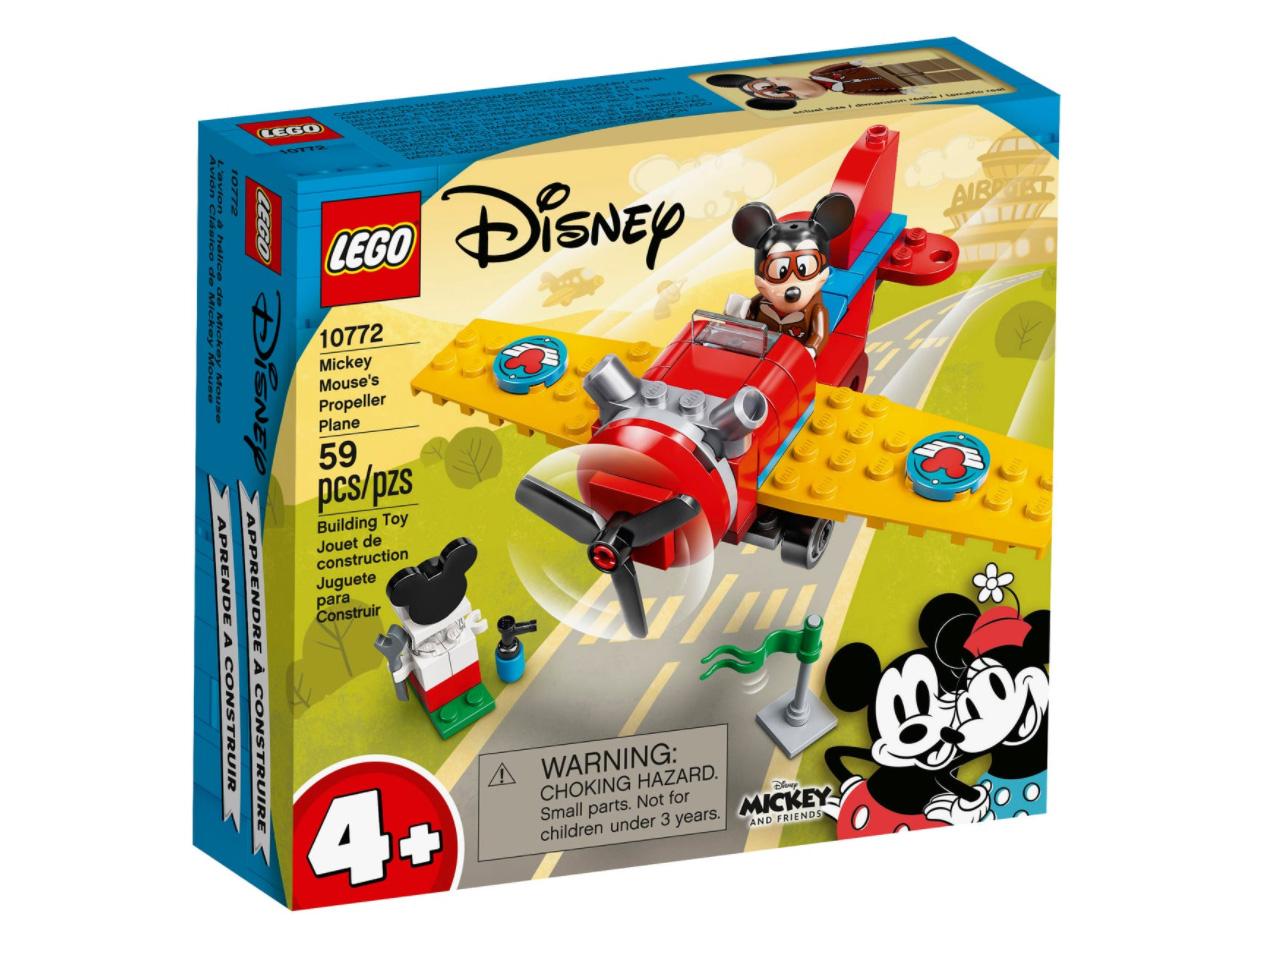 レゴ(LEGO) ディズニー ミッキーのプロペラ飛行機 10772